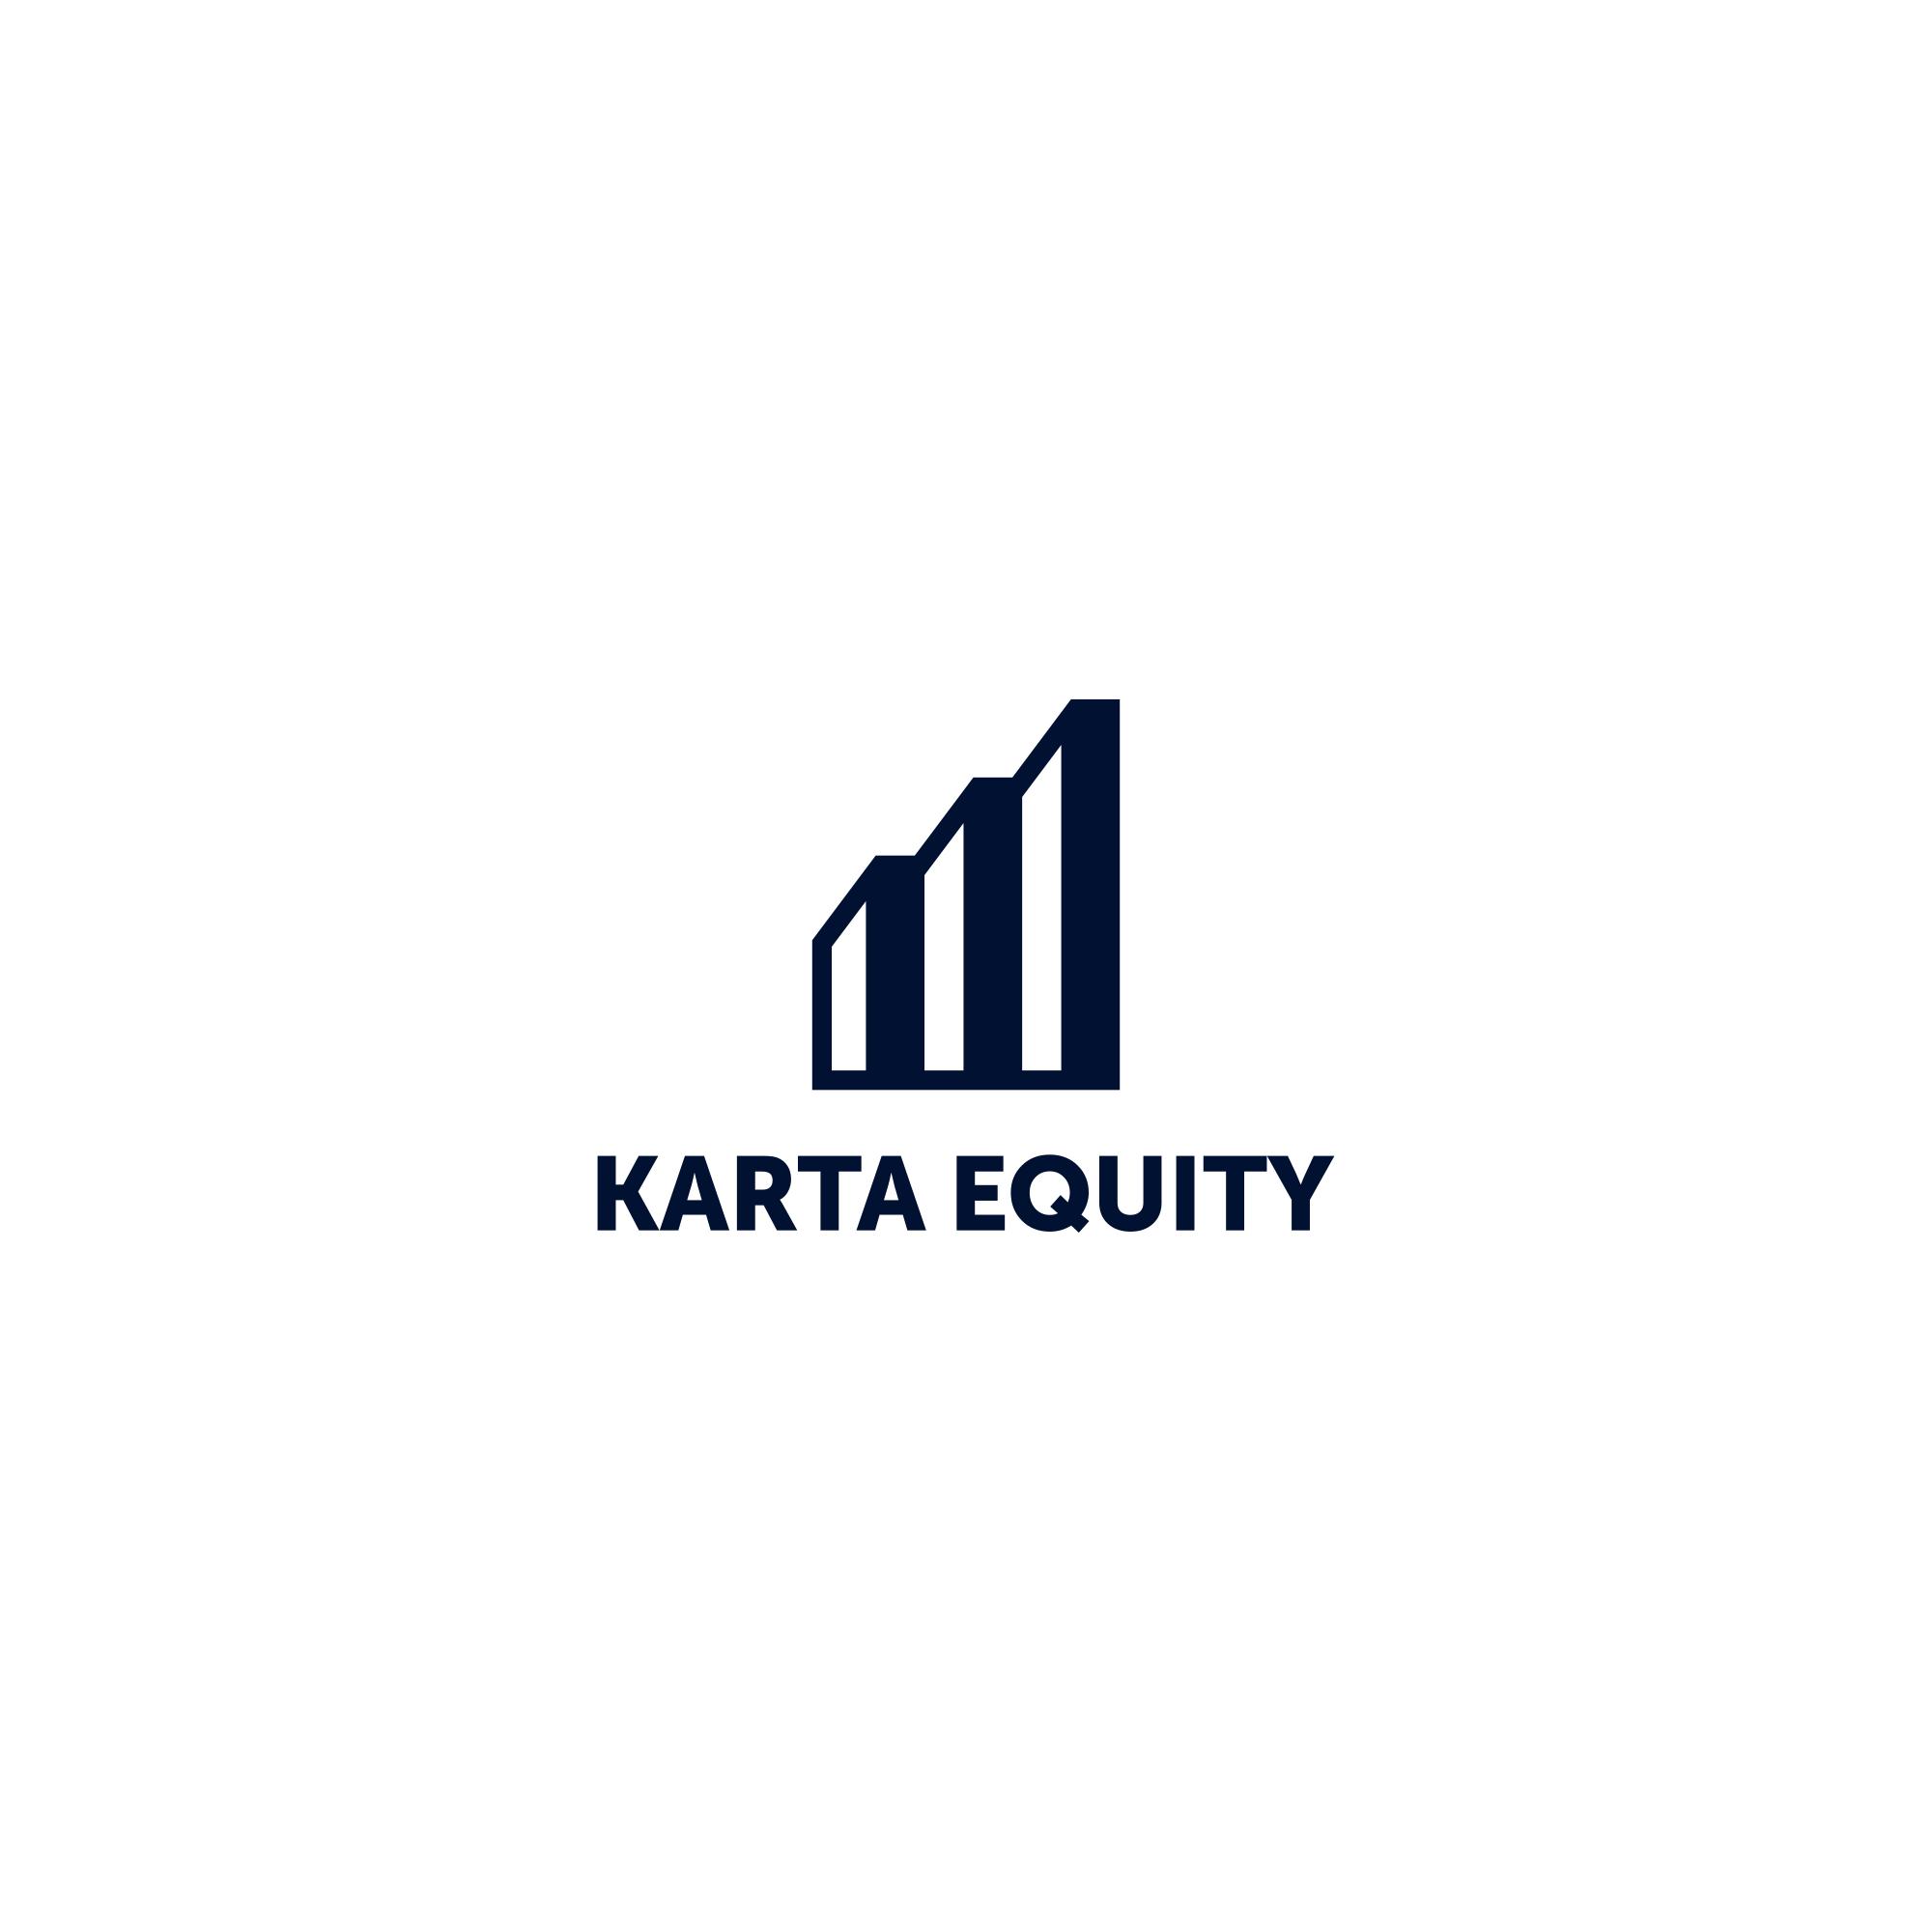 Логотип для компании инвестироваюшей в жилую недвижимость фото f_7315e1238d2ca888.png